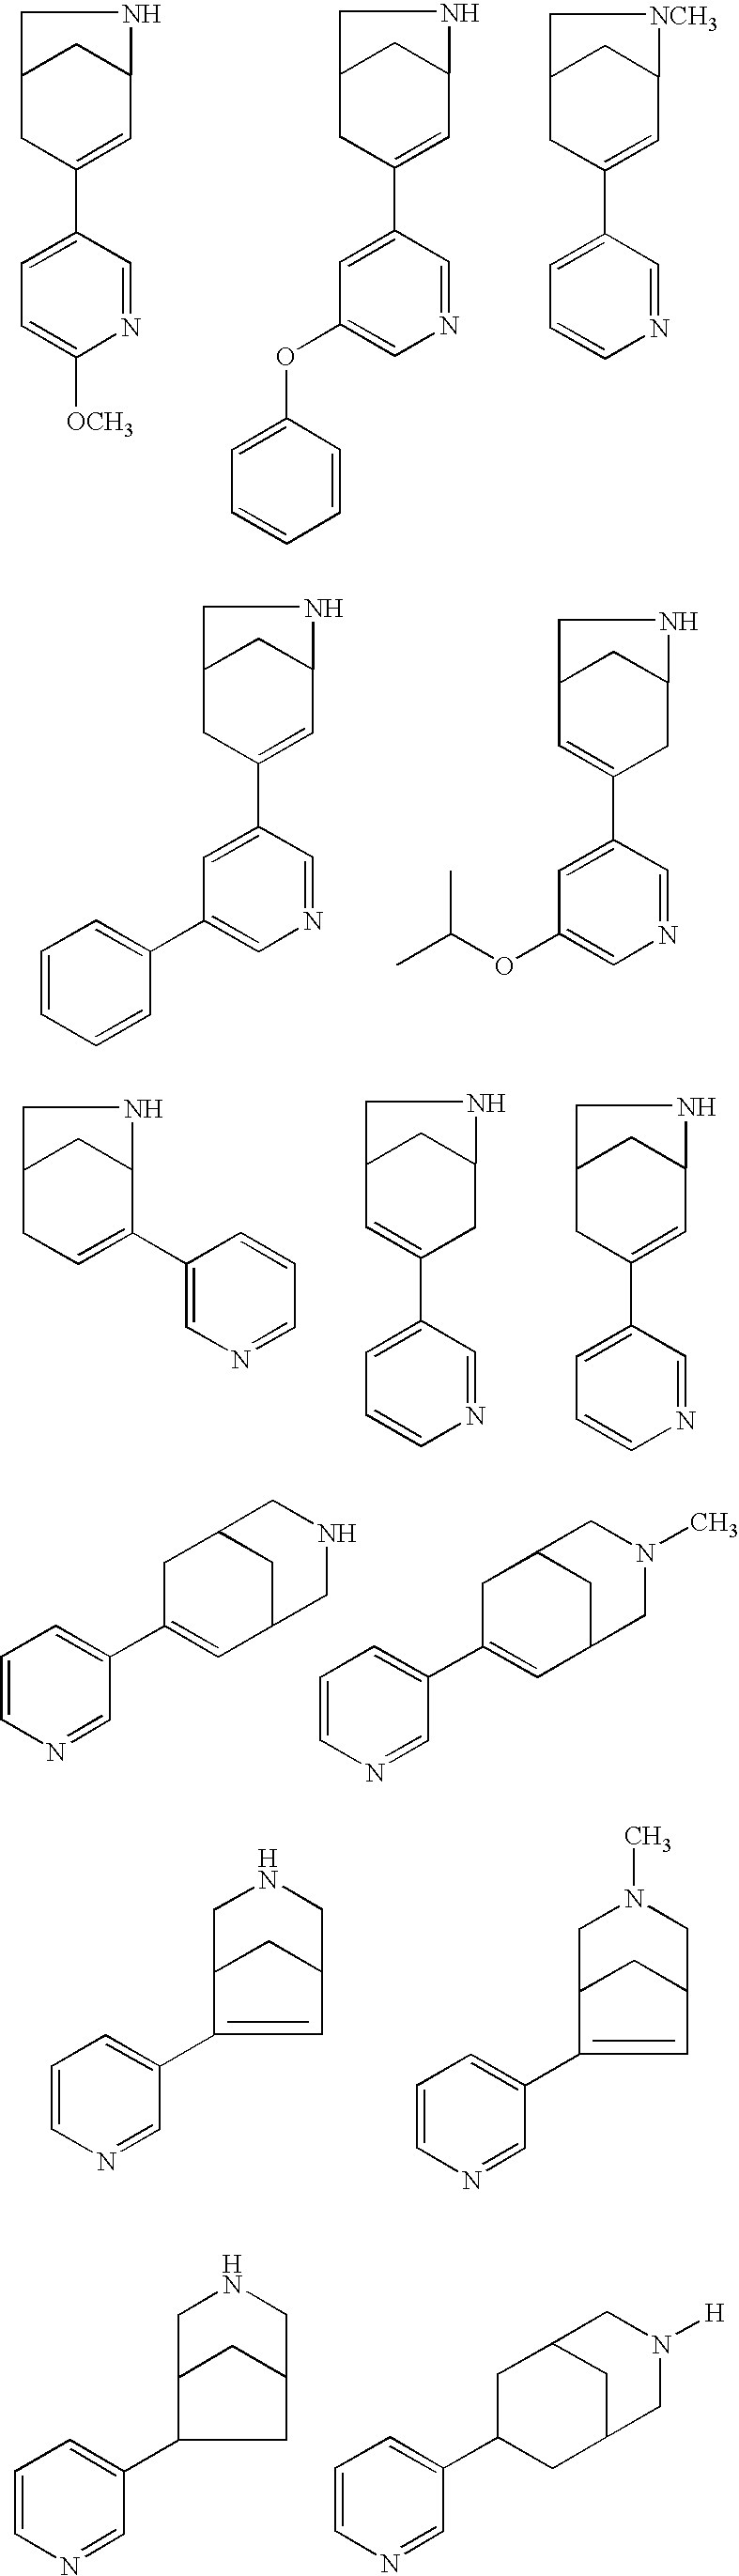 Figure US20050282823A1-20051222-C00013